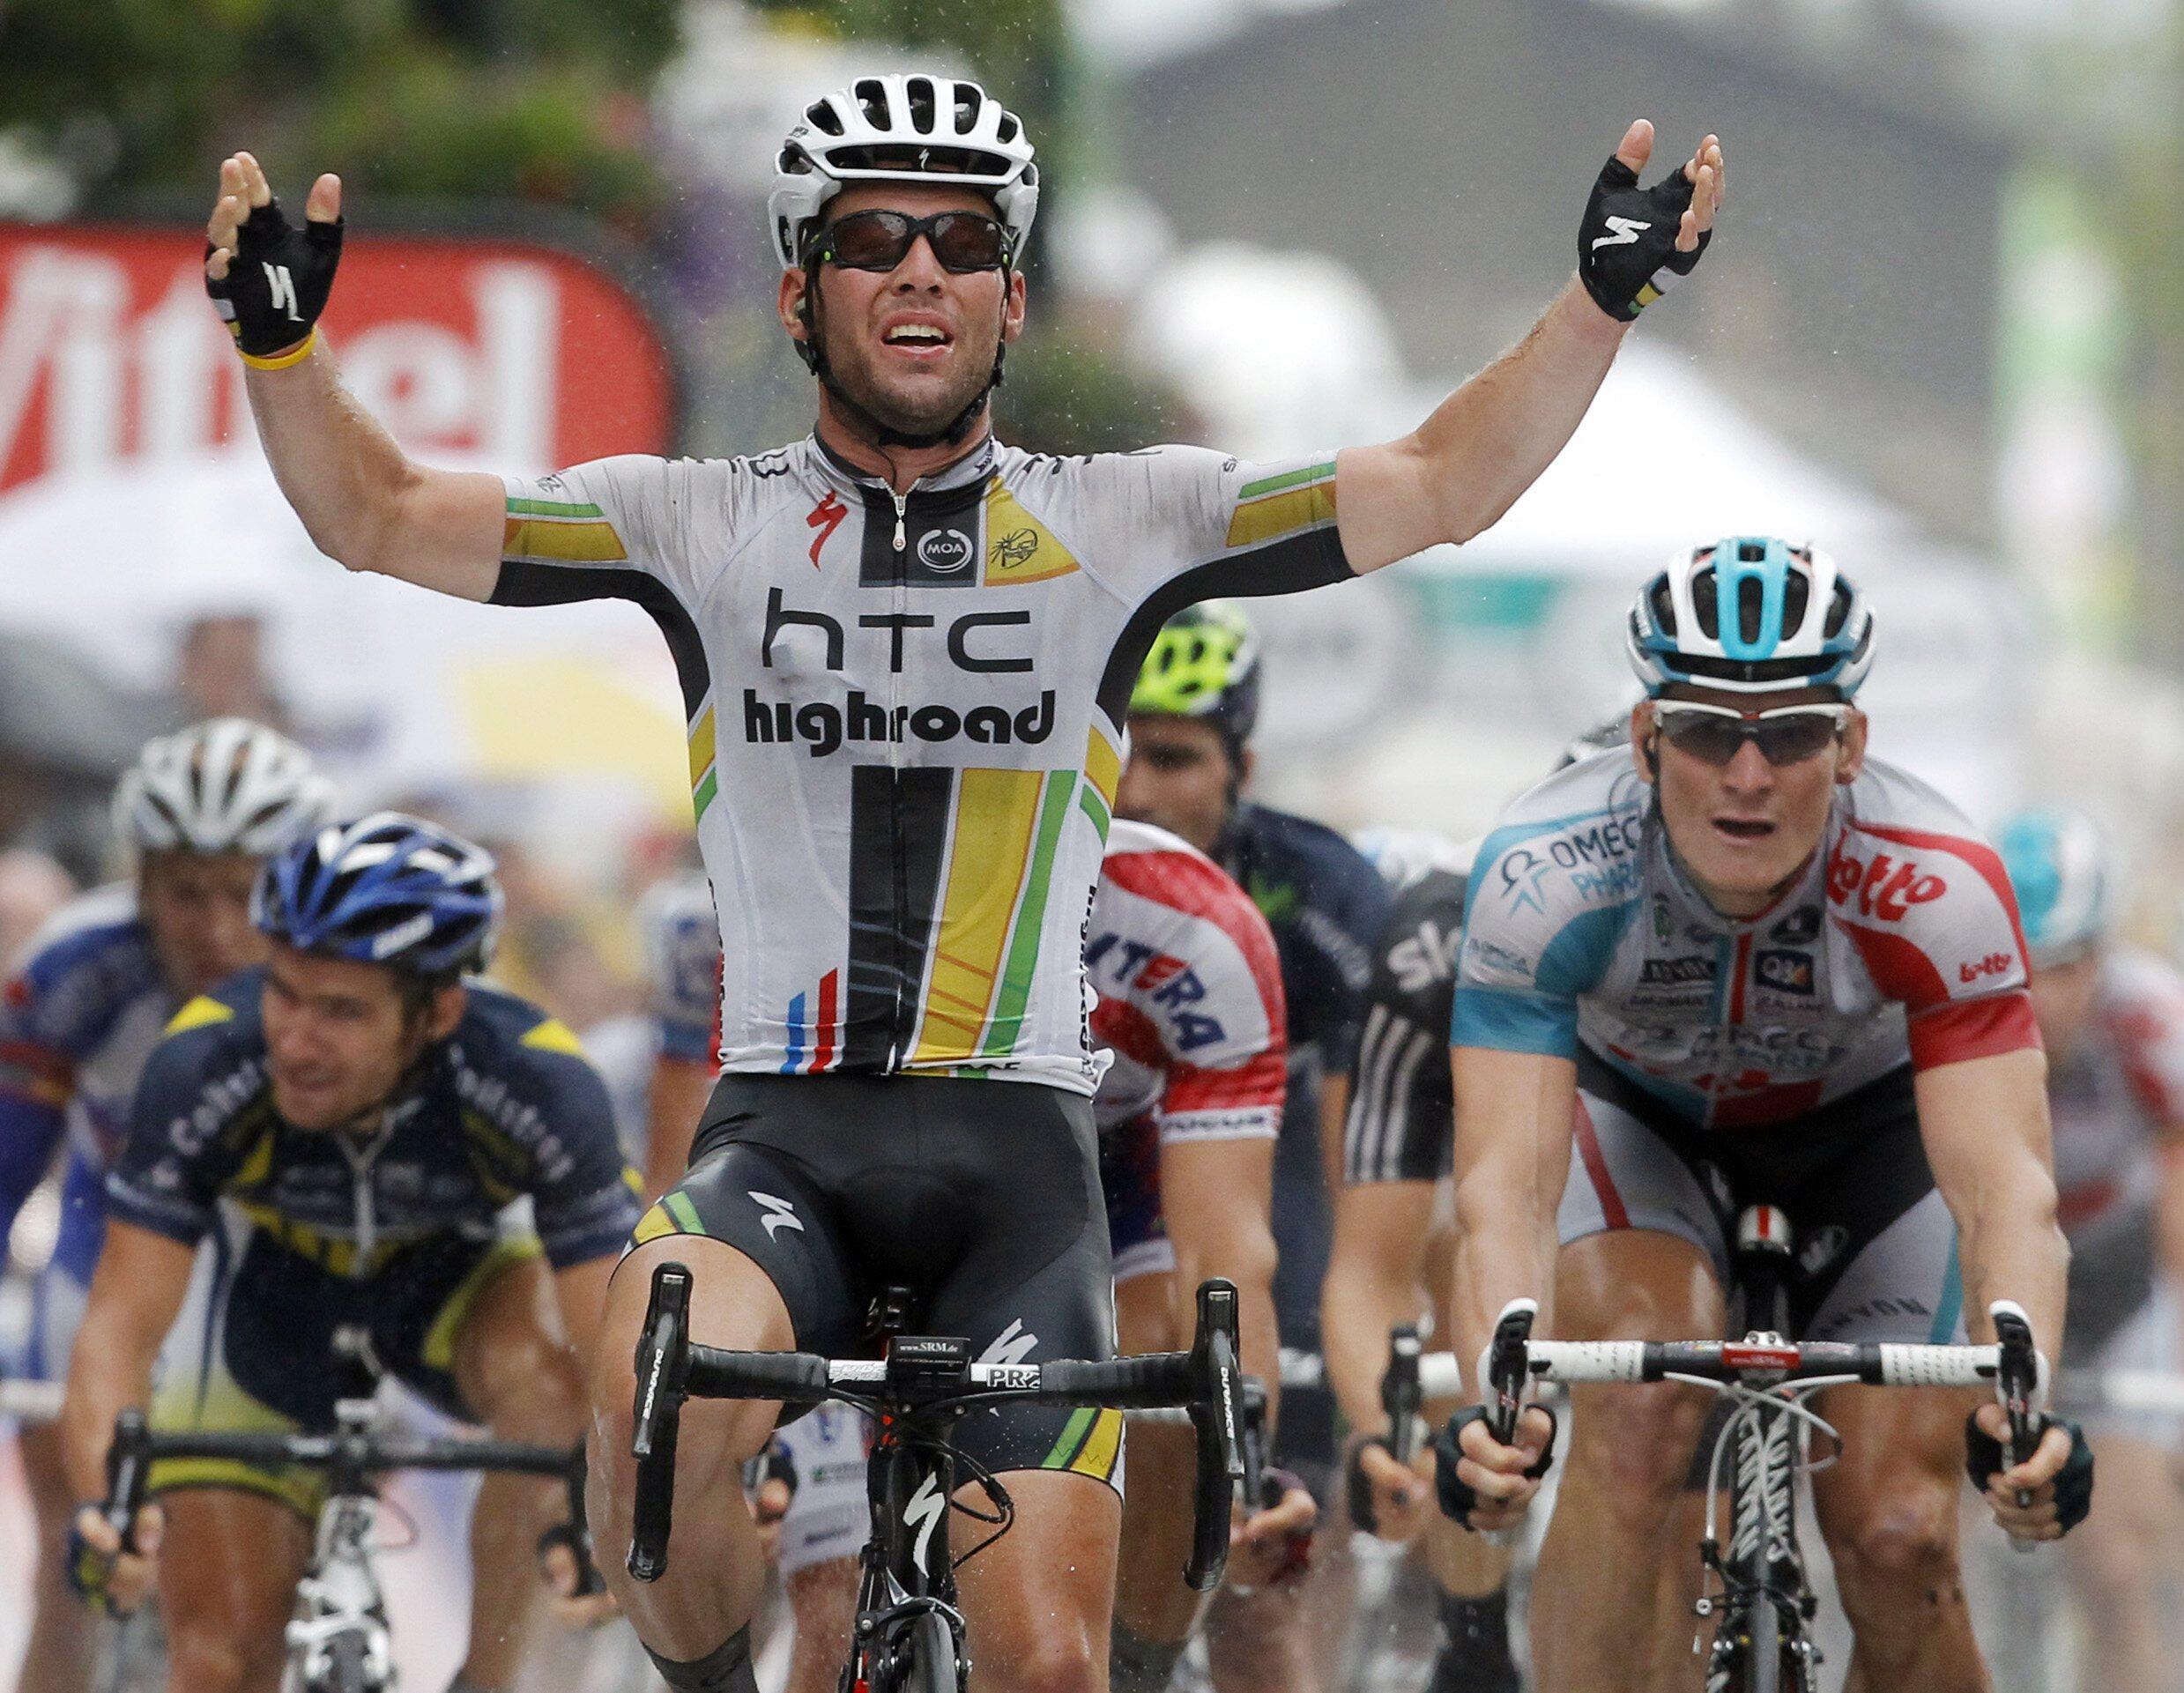 """Марк Кавендиш первым пересекает финишную линию 11 этапа """"Тур де Франс"""" в Блэ-ле-Мин 13 июля 2011 года"""